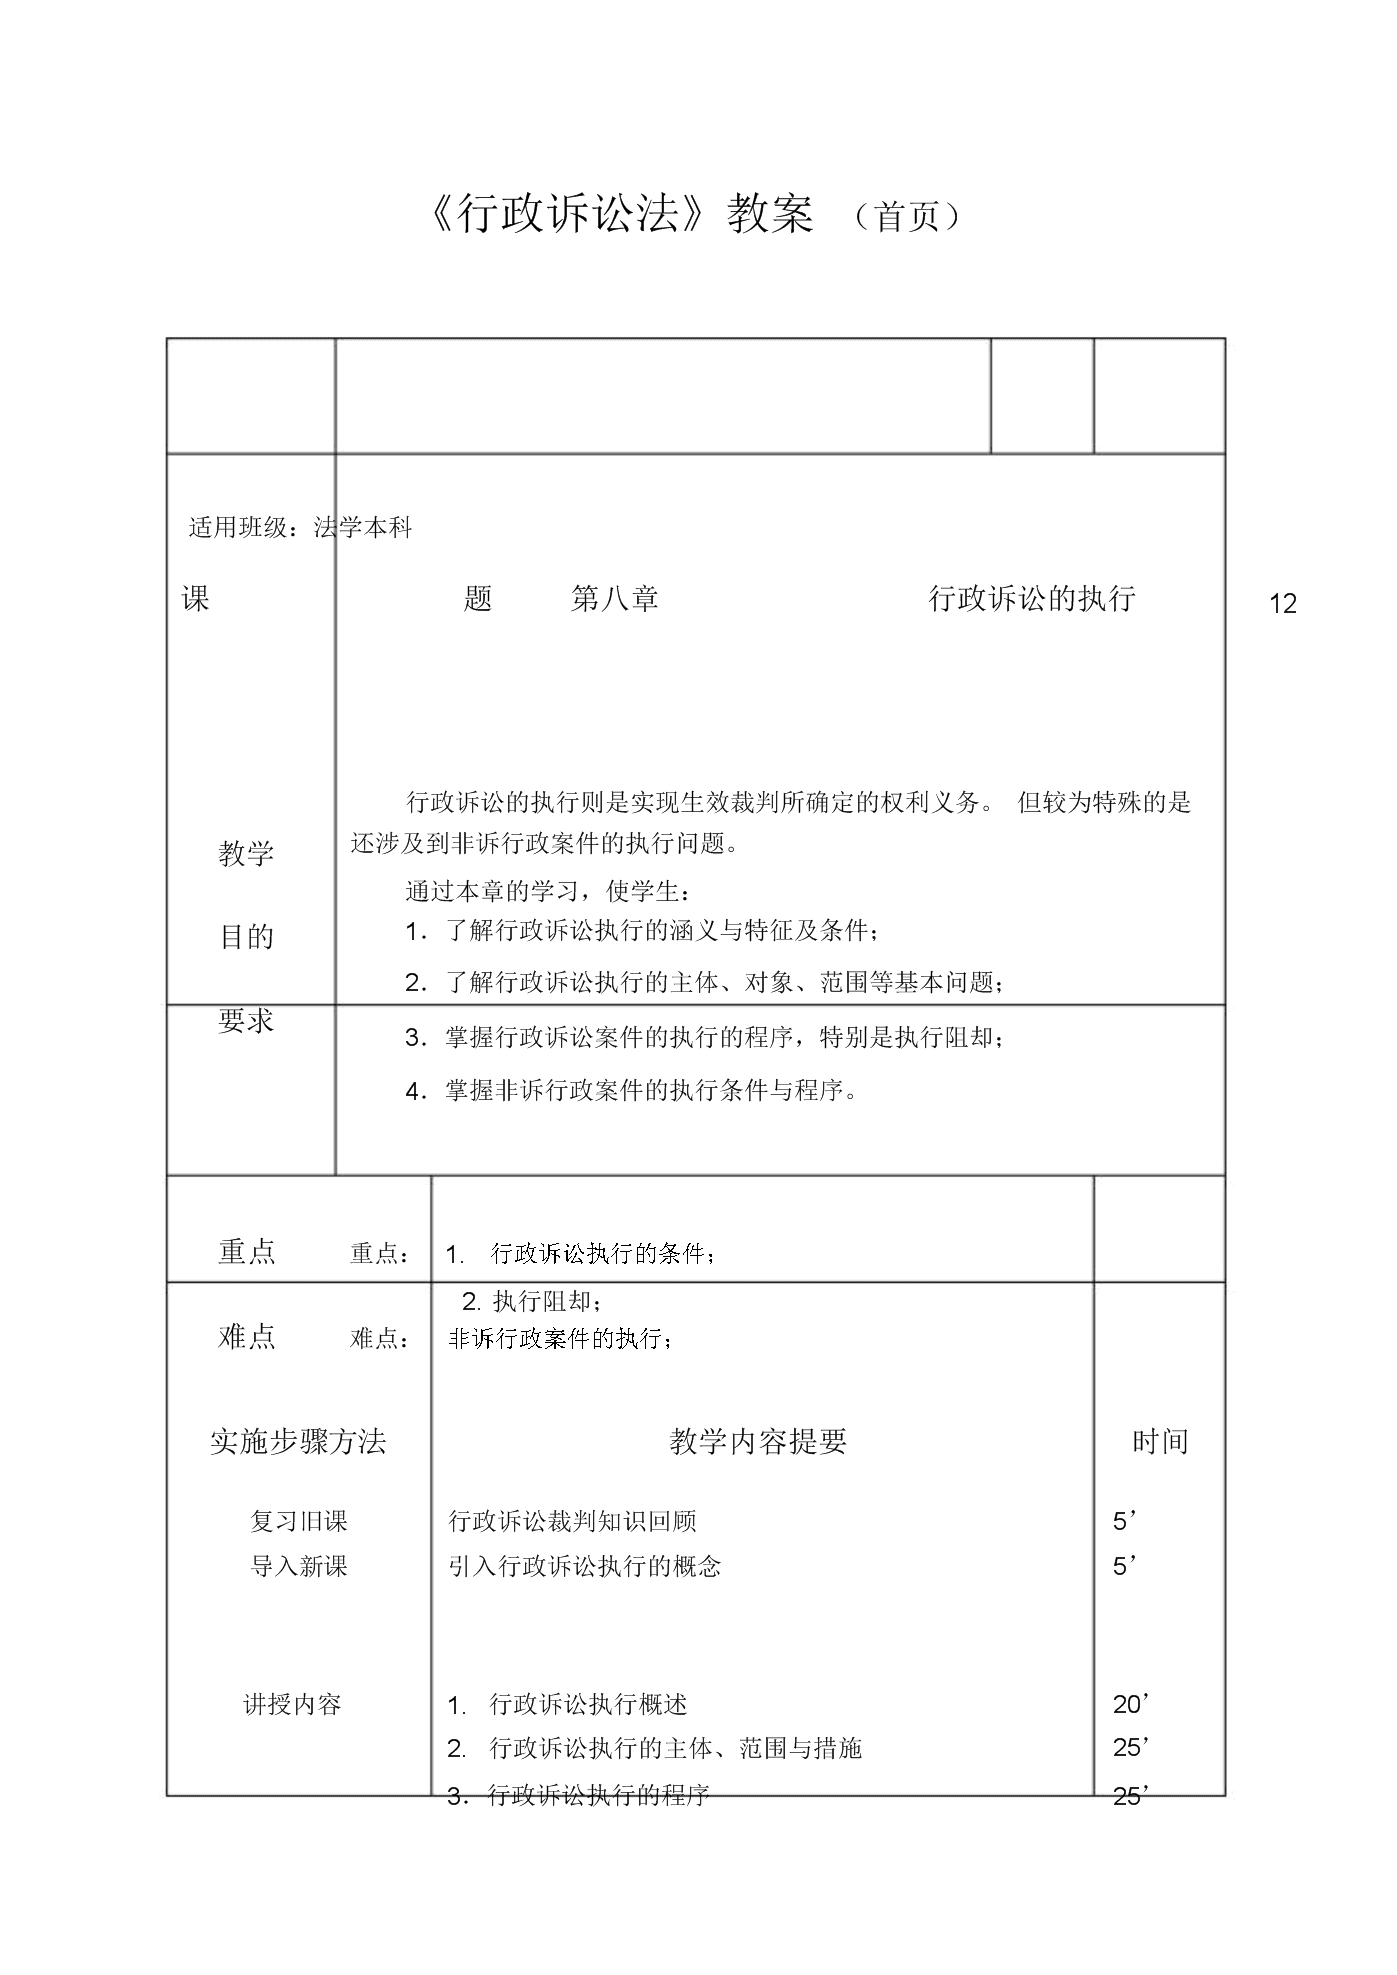 行政管理行政诉讼法教案.docx